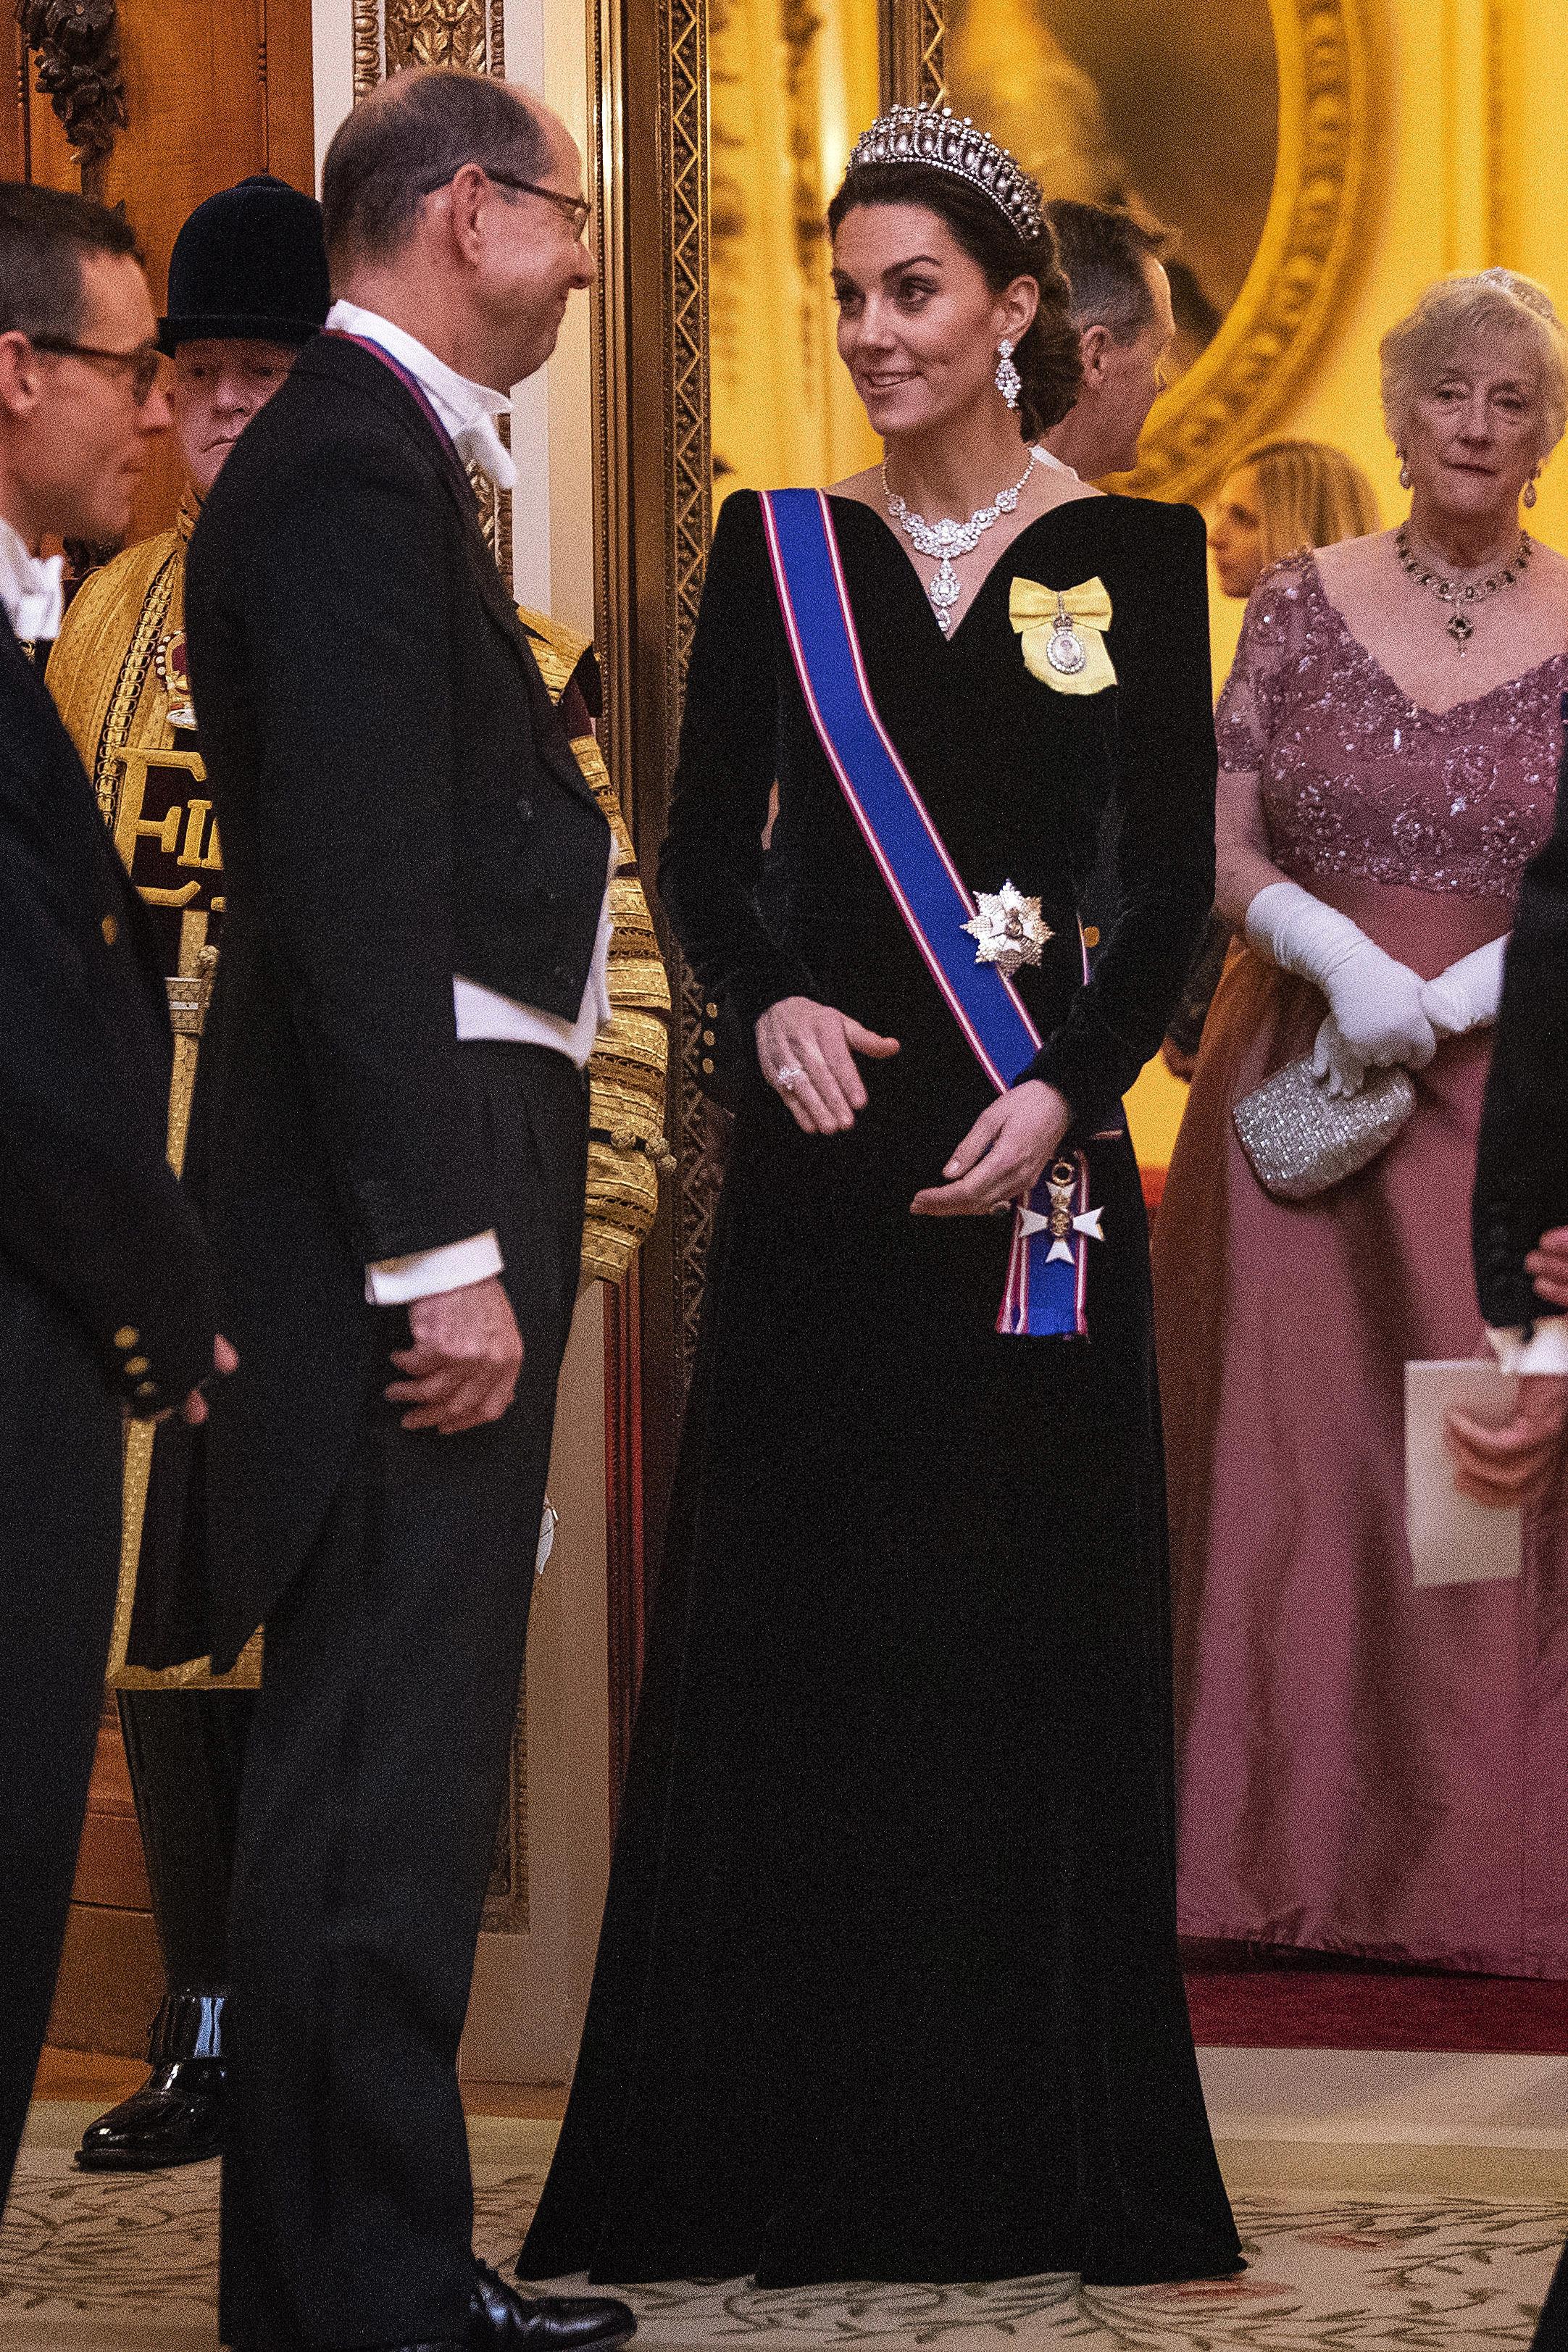 <p>Eжегодният дипломатически прием&nbsp;на кралица Елизабет Втора се състоя в Бъкингамския дворец в сряда вечер, а херцогинята на Кеймбридж за пореден път въплъщаваше изисканост и аристократизъм.</p>